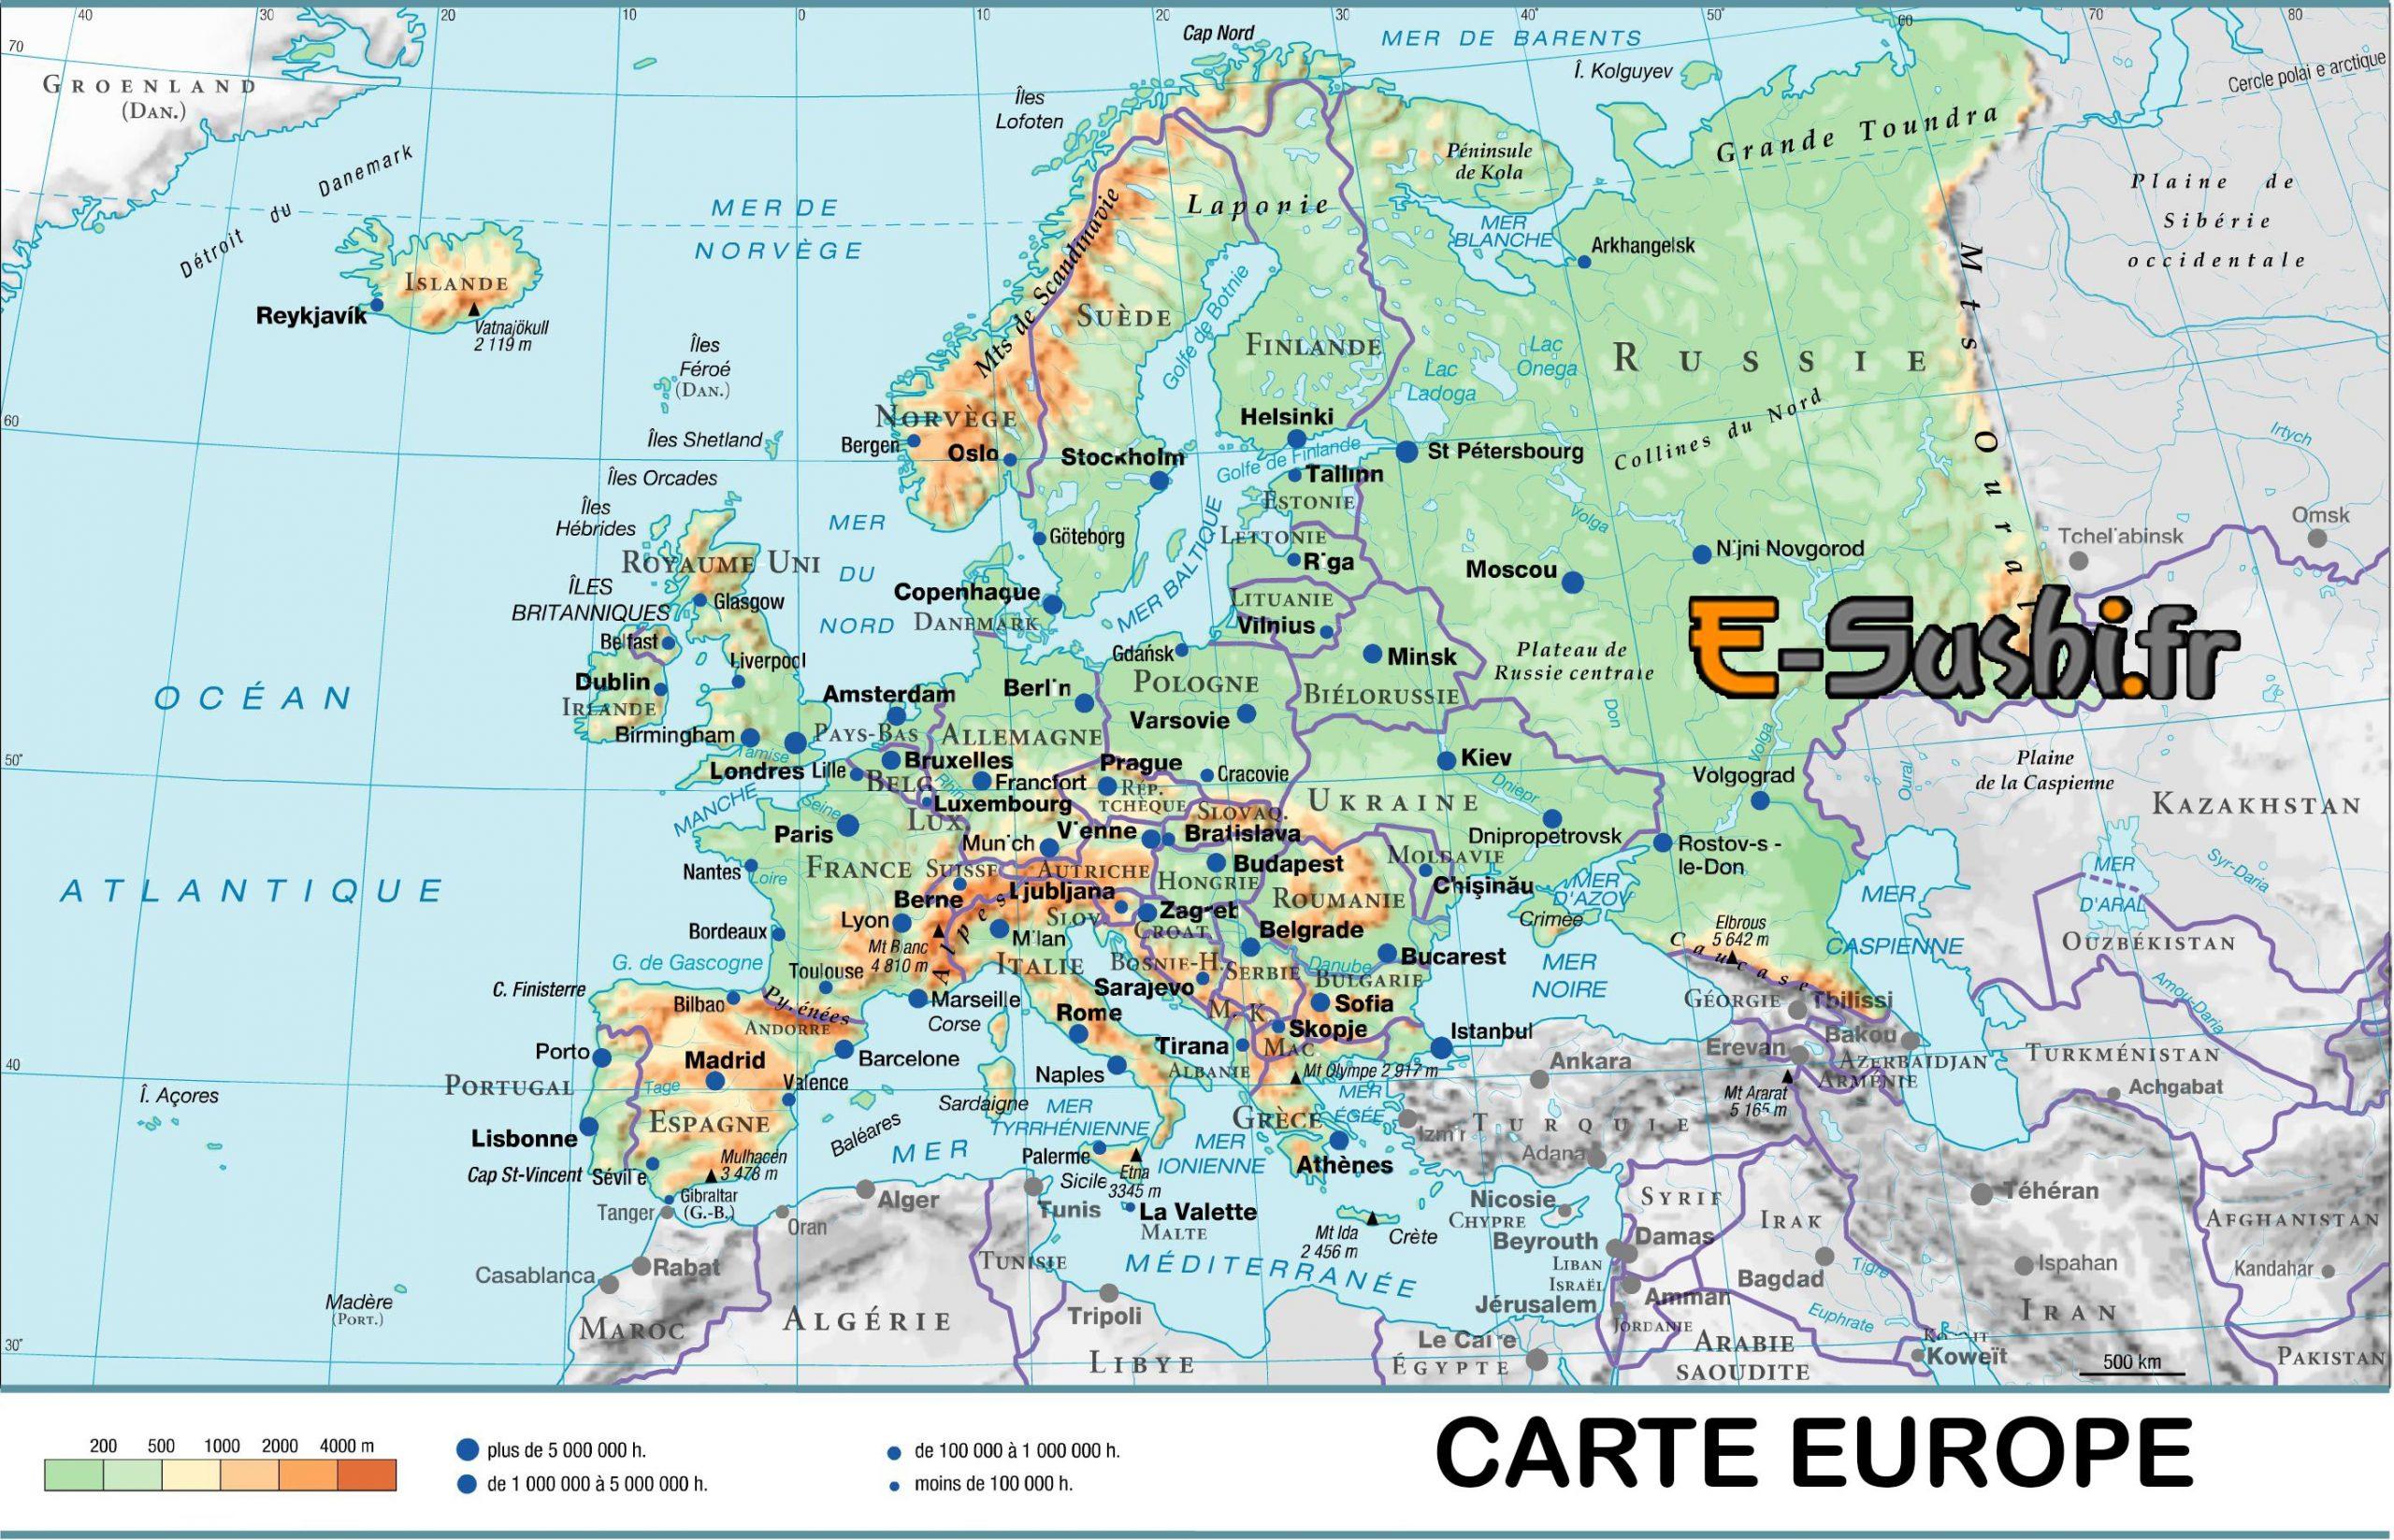 Archives Des Europe Carte Des Capitales - Arts Et Voyages tout Carte De L Europe Capitales